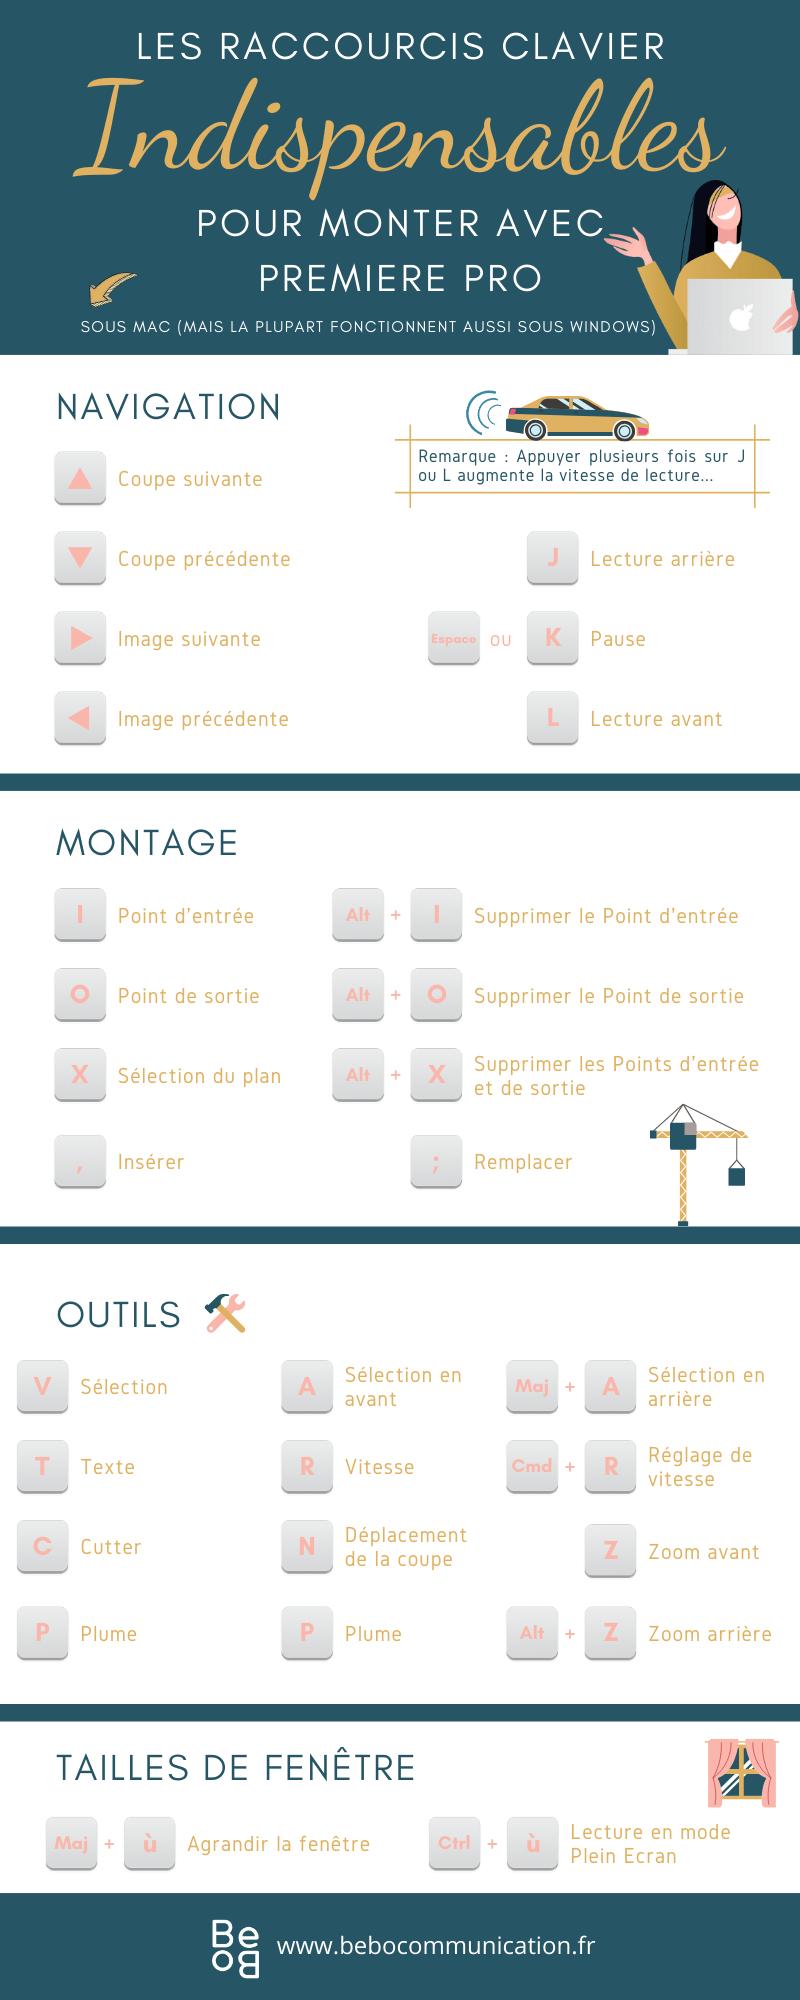 Les raccourcis claviers indispensables pour monter avec Premiere Pro